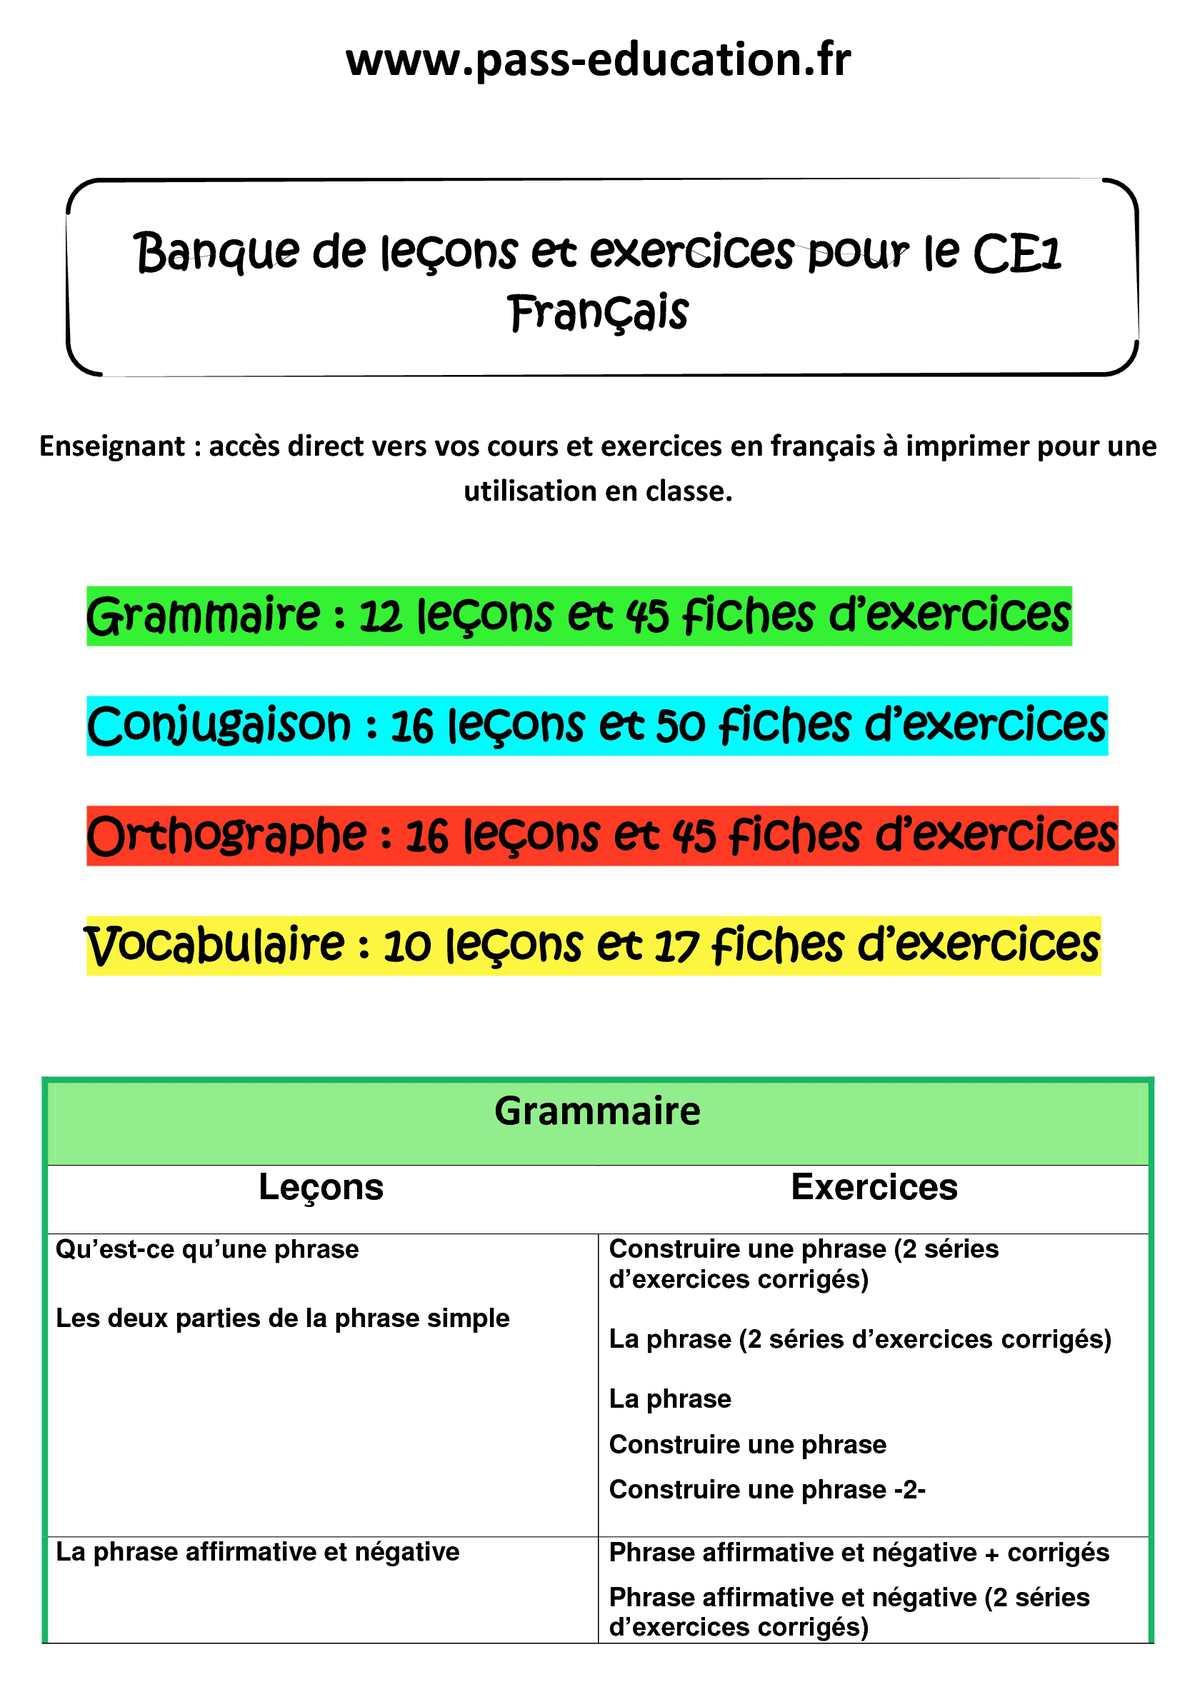 Calaméo - Ce1 Français - Banque De Leçons Et Exercices intérieur Fiche Français Ce1 Imprimer